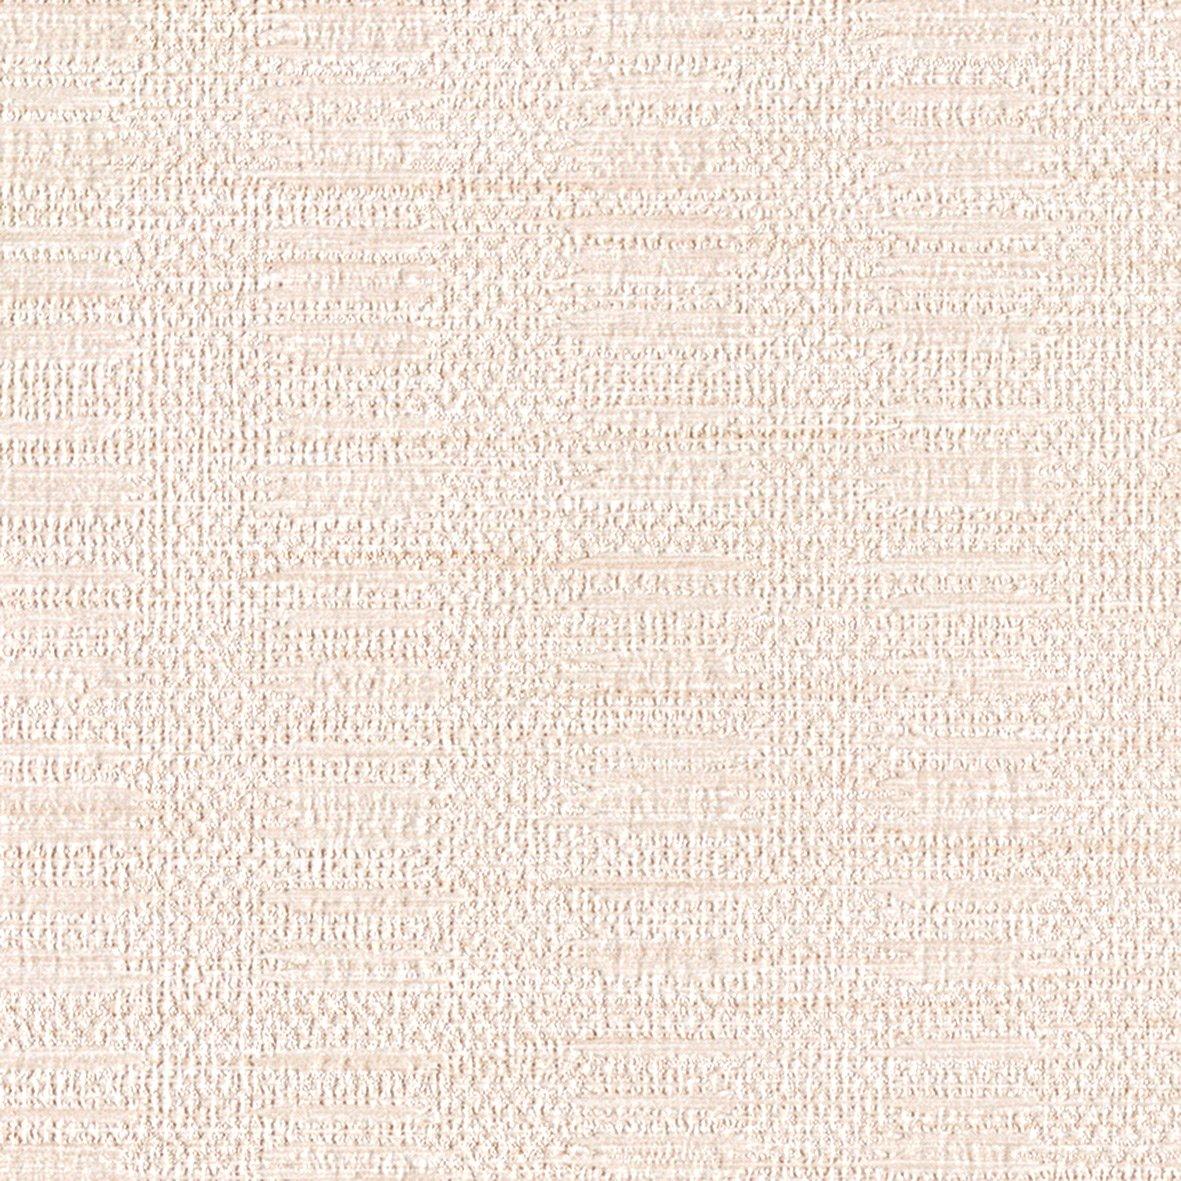 リリカラ 壁紙32m 和 織物調 ベージュ 和調 LV-6392 B01IHPFXO2 32m|ベージュ